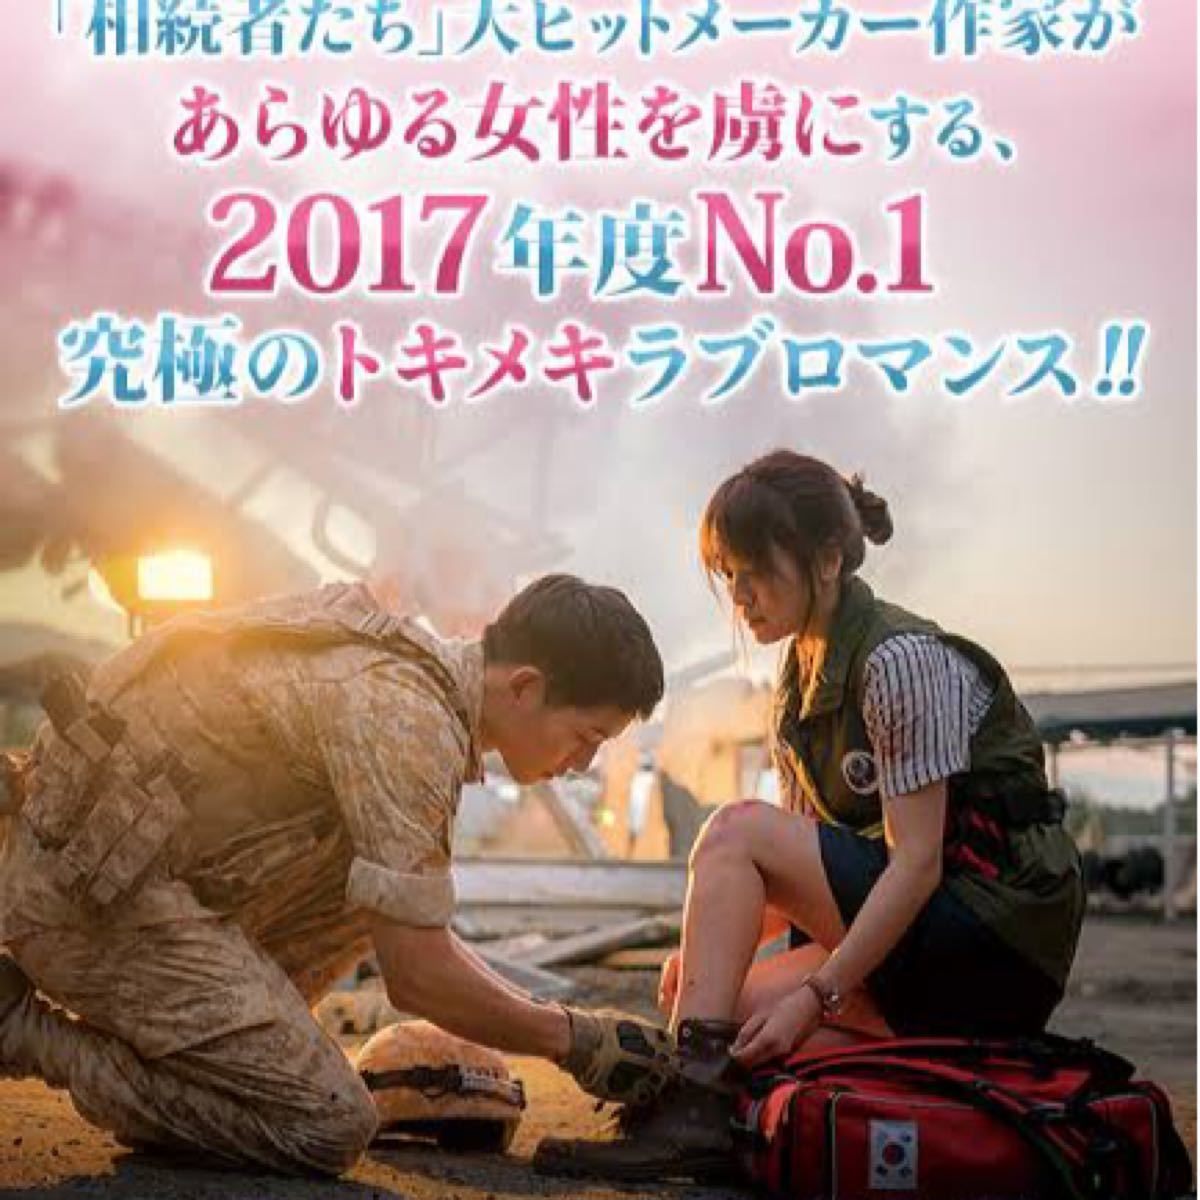 太陽の末裔 DVD全話【レーベル印刷あり】高画質 日本語吹き替えあり